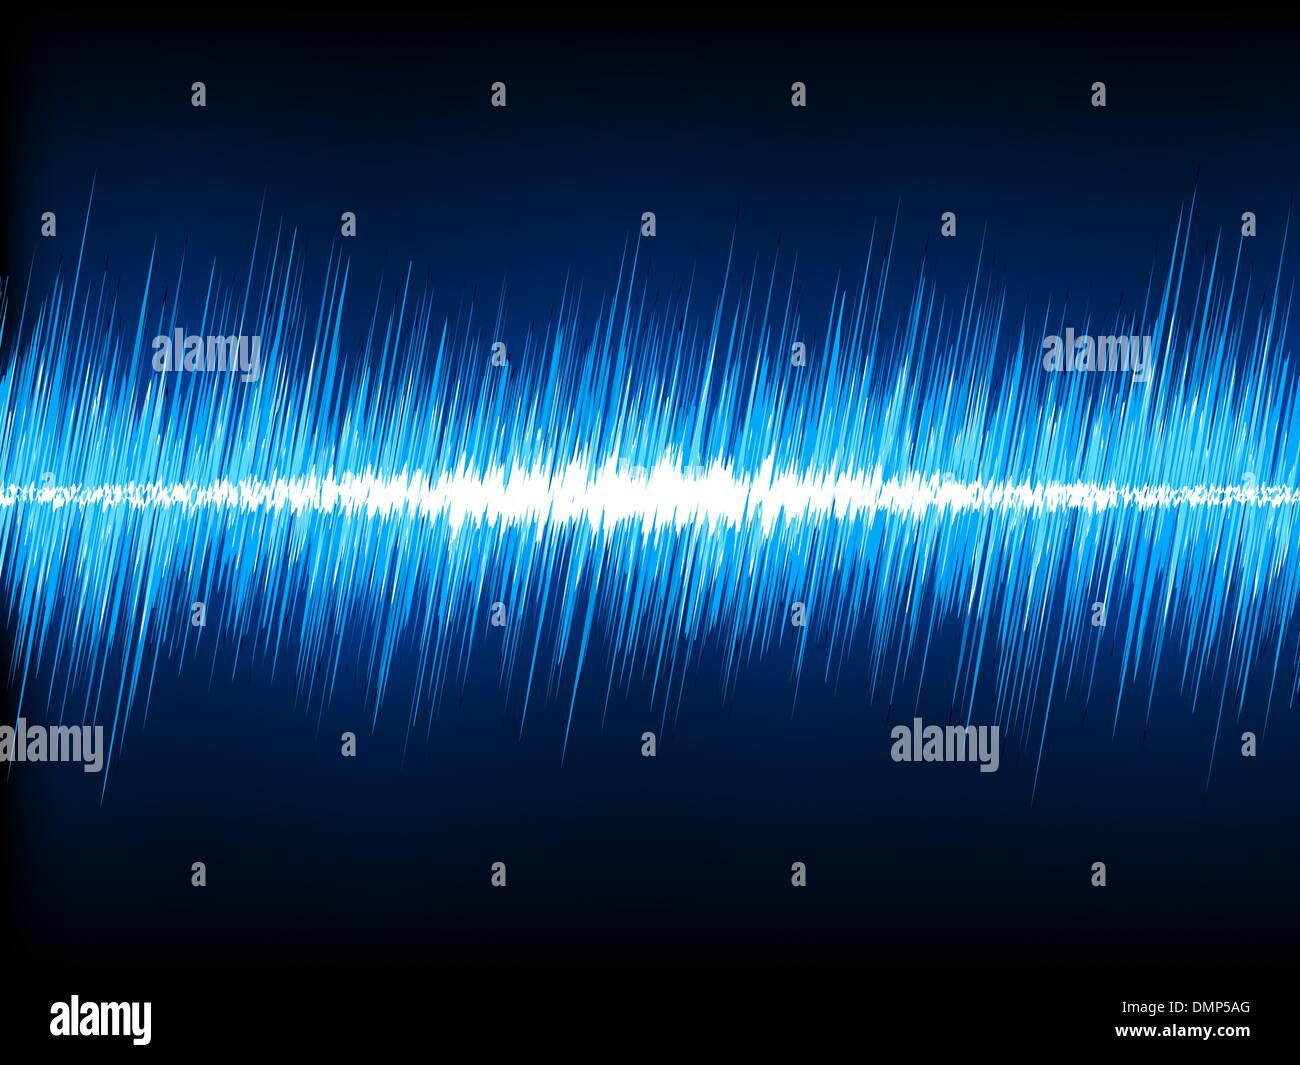 Radio Waves Diagram Stock Photos Images Radiowavesdiagram Sound Oscillating On Black Background Eps 8 Image